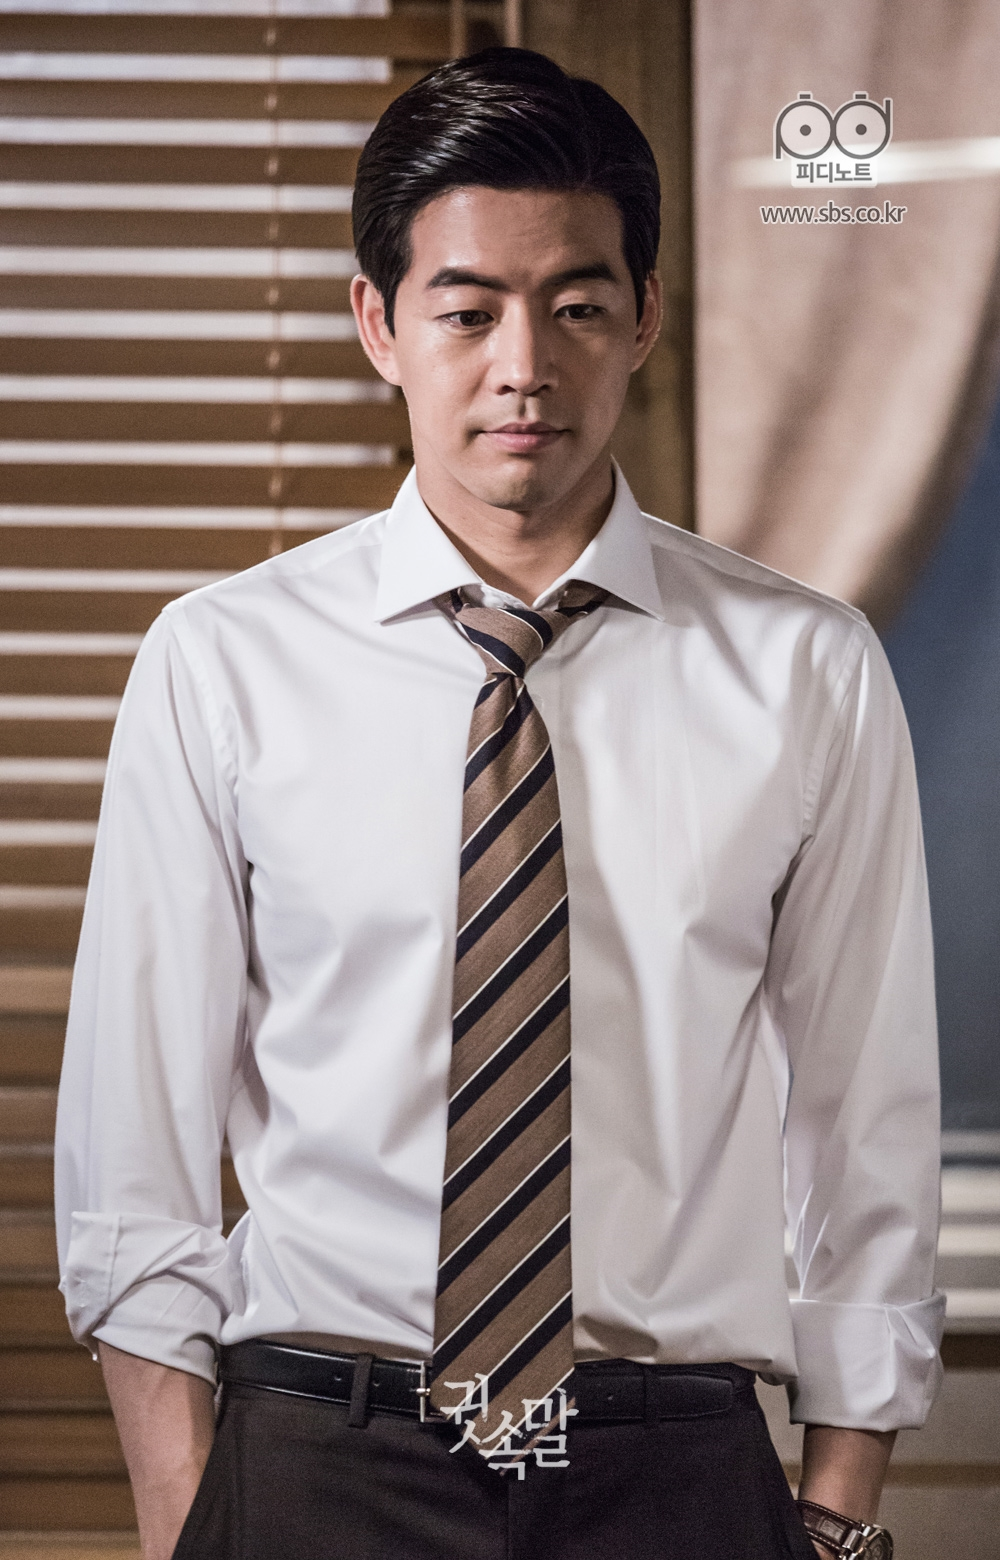 와이셔츠 소매를 걷어 올리고 넥타이도 살짝 푼 채 아래를 응시하고 있는 이상윤